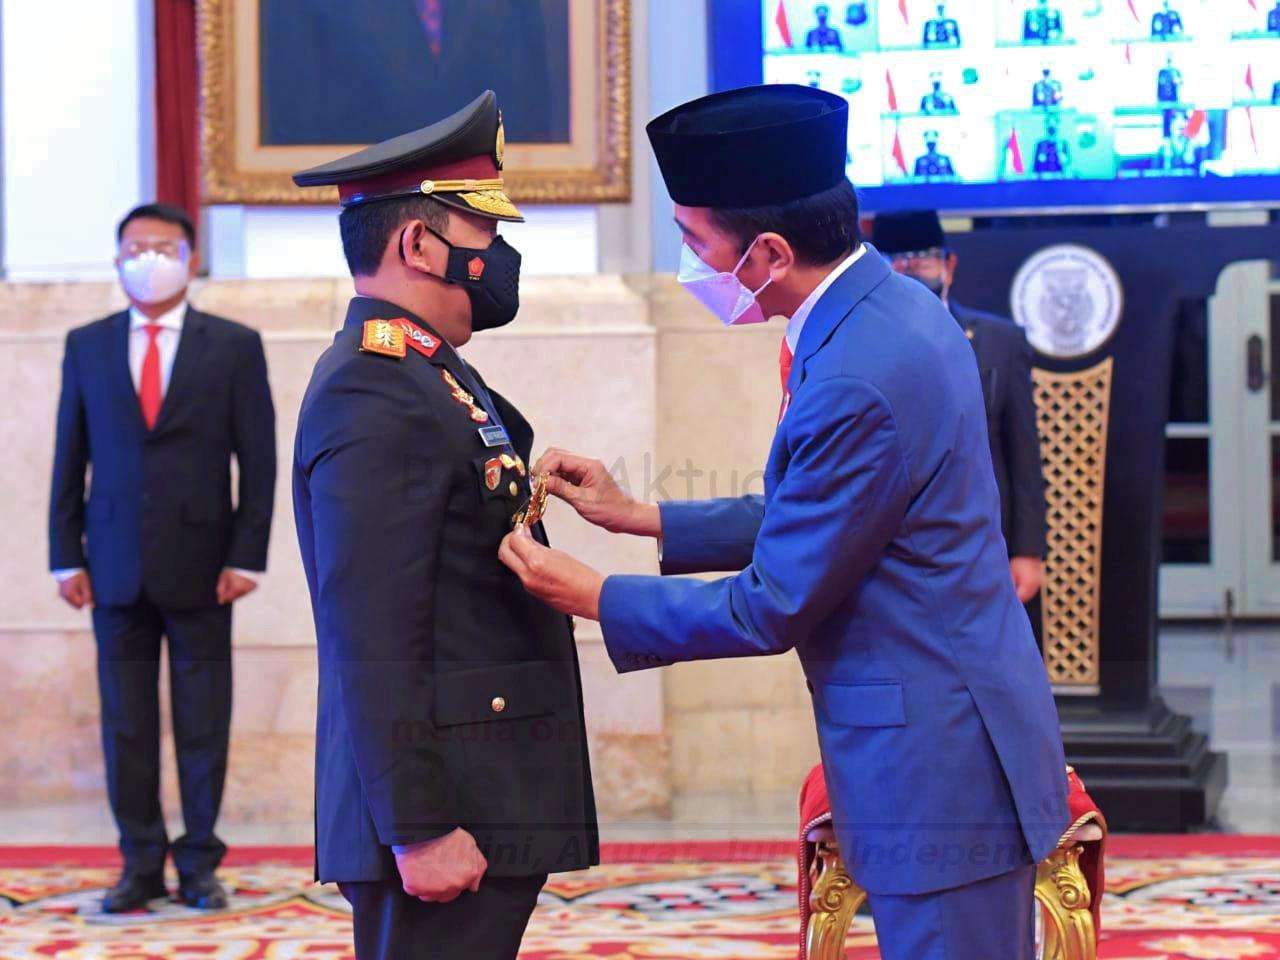 Jenderal Idham Azis Serahkan Panji Polri Tribrata Kepada Jenderal Listyo Sigit 5 IMG 20210127 173937 1